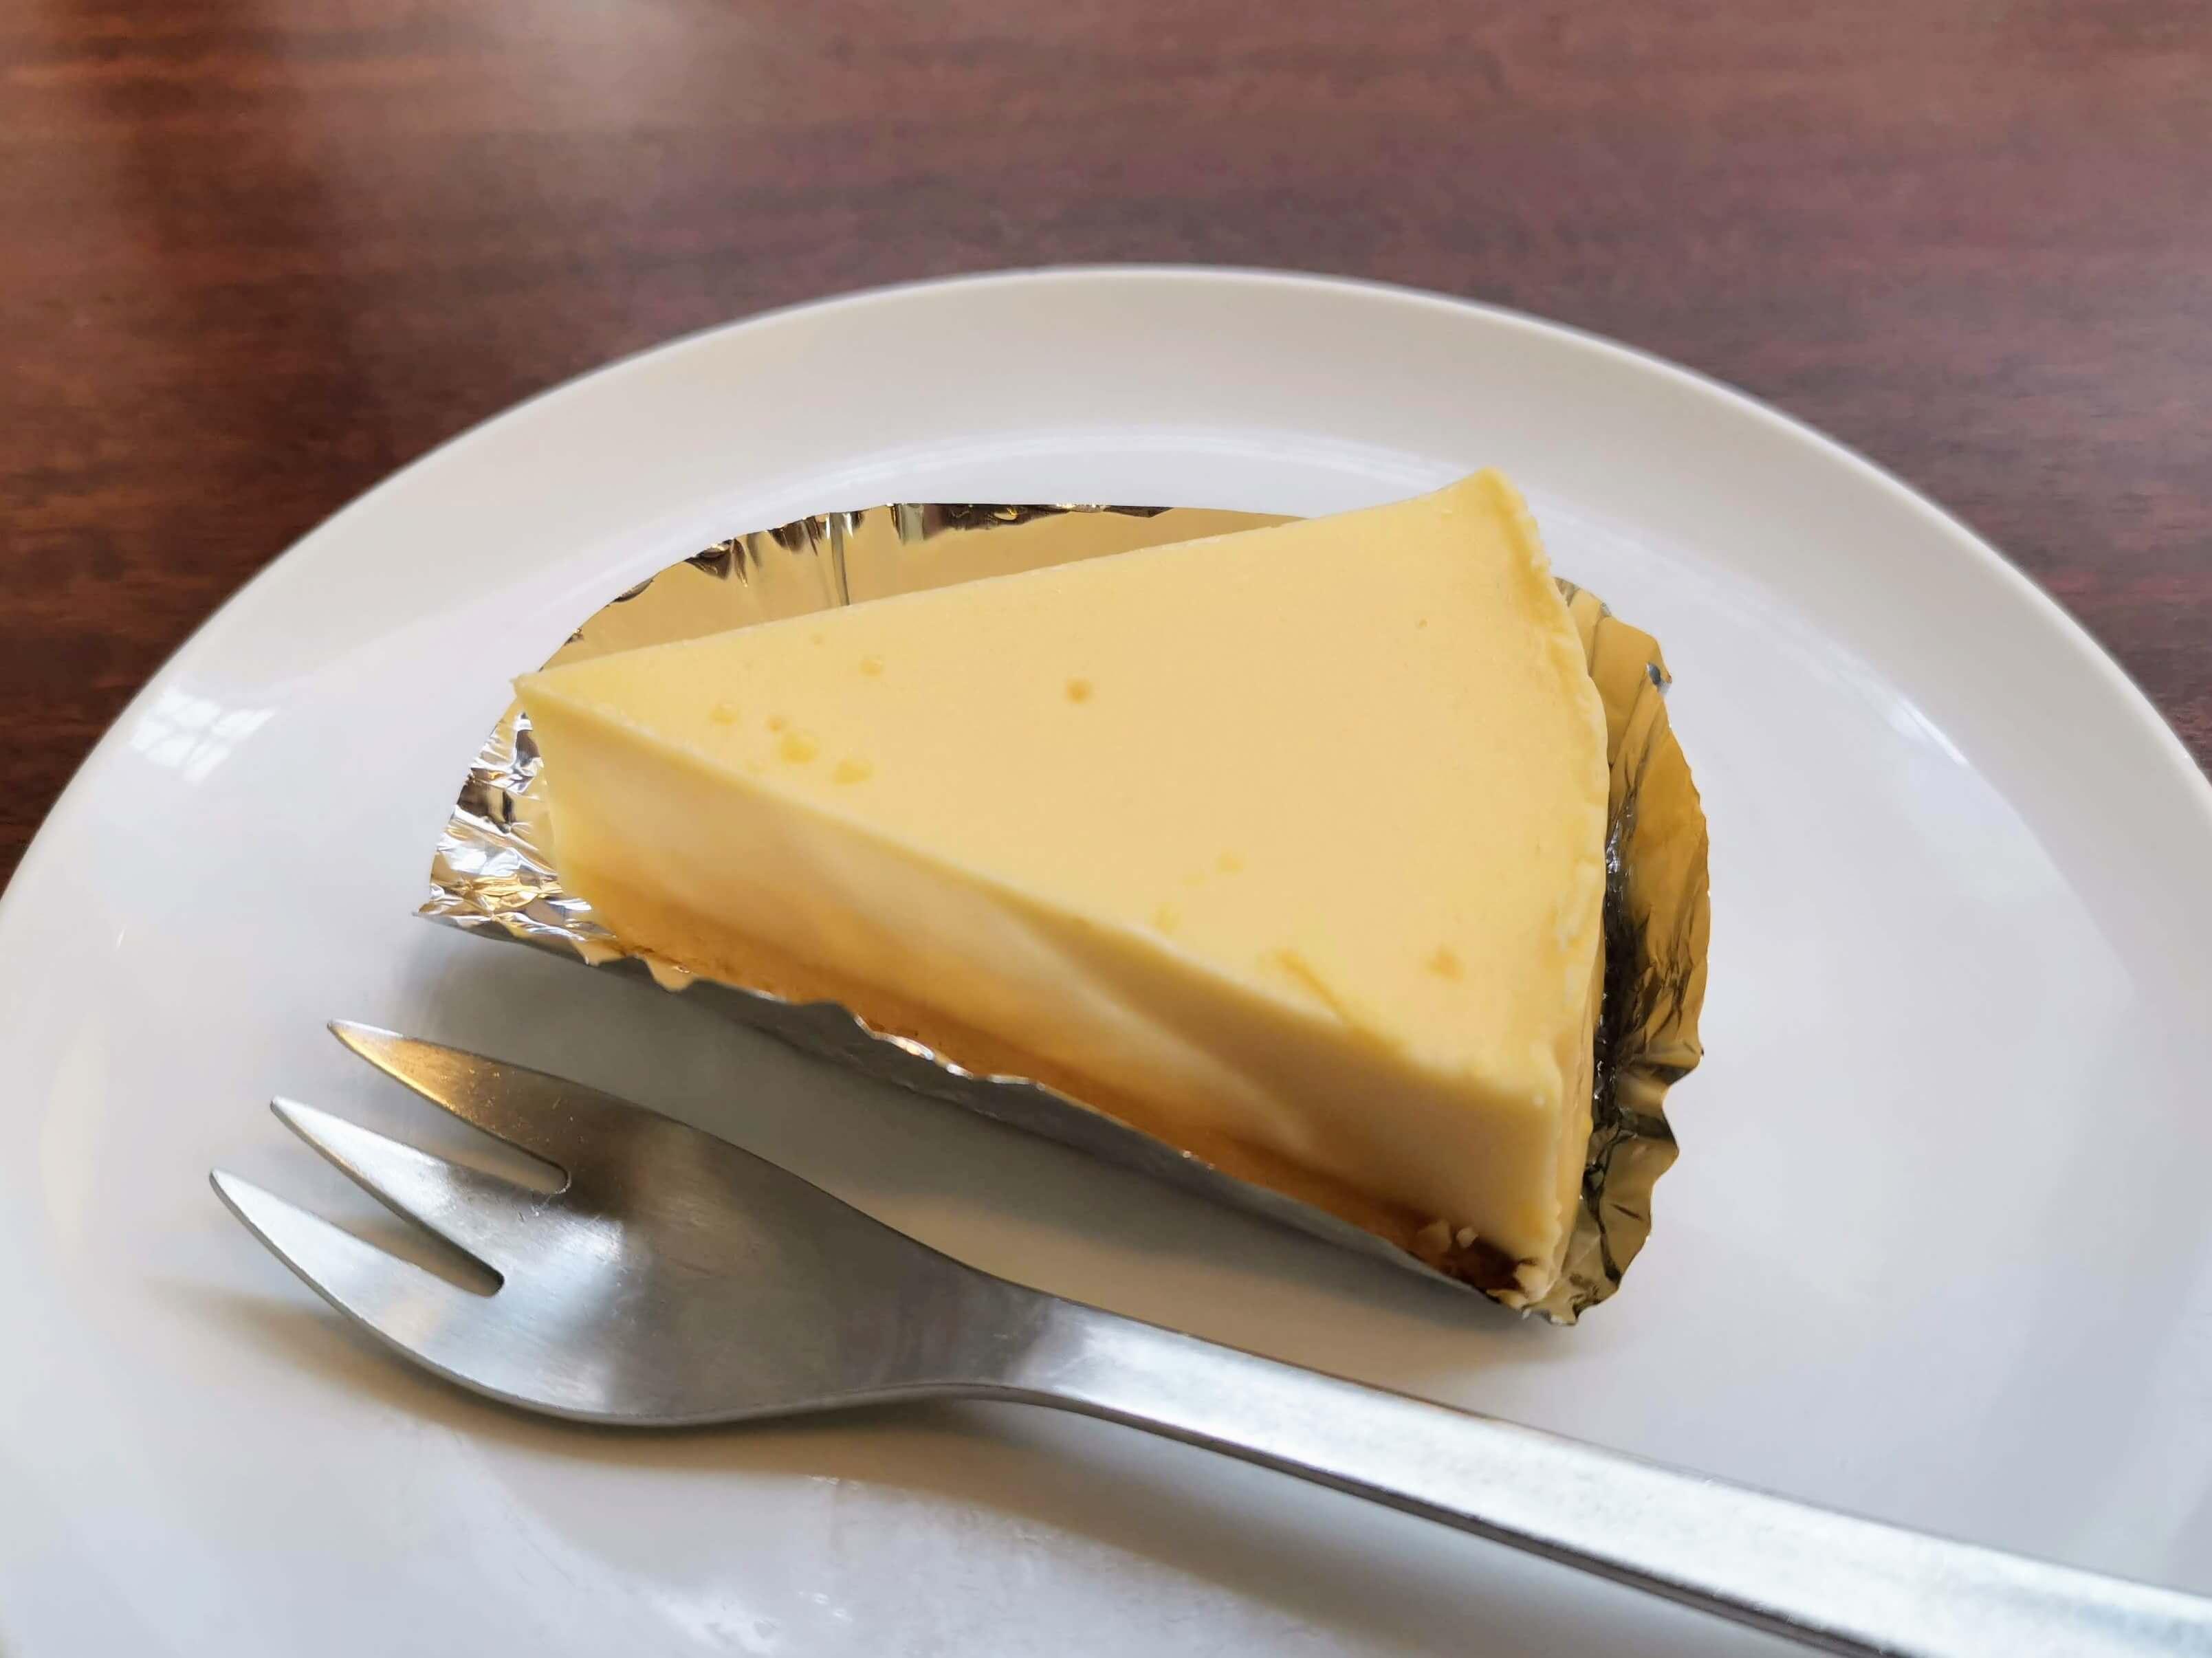 上島珈琲店 湯蒸チーズケーキ (4)